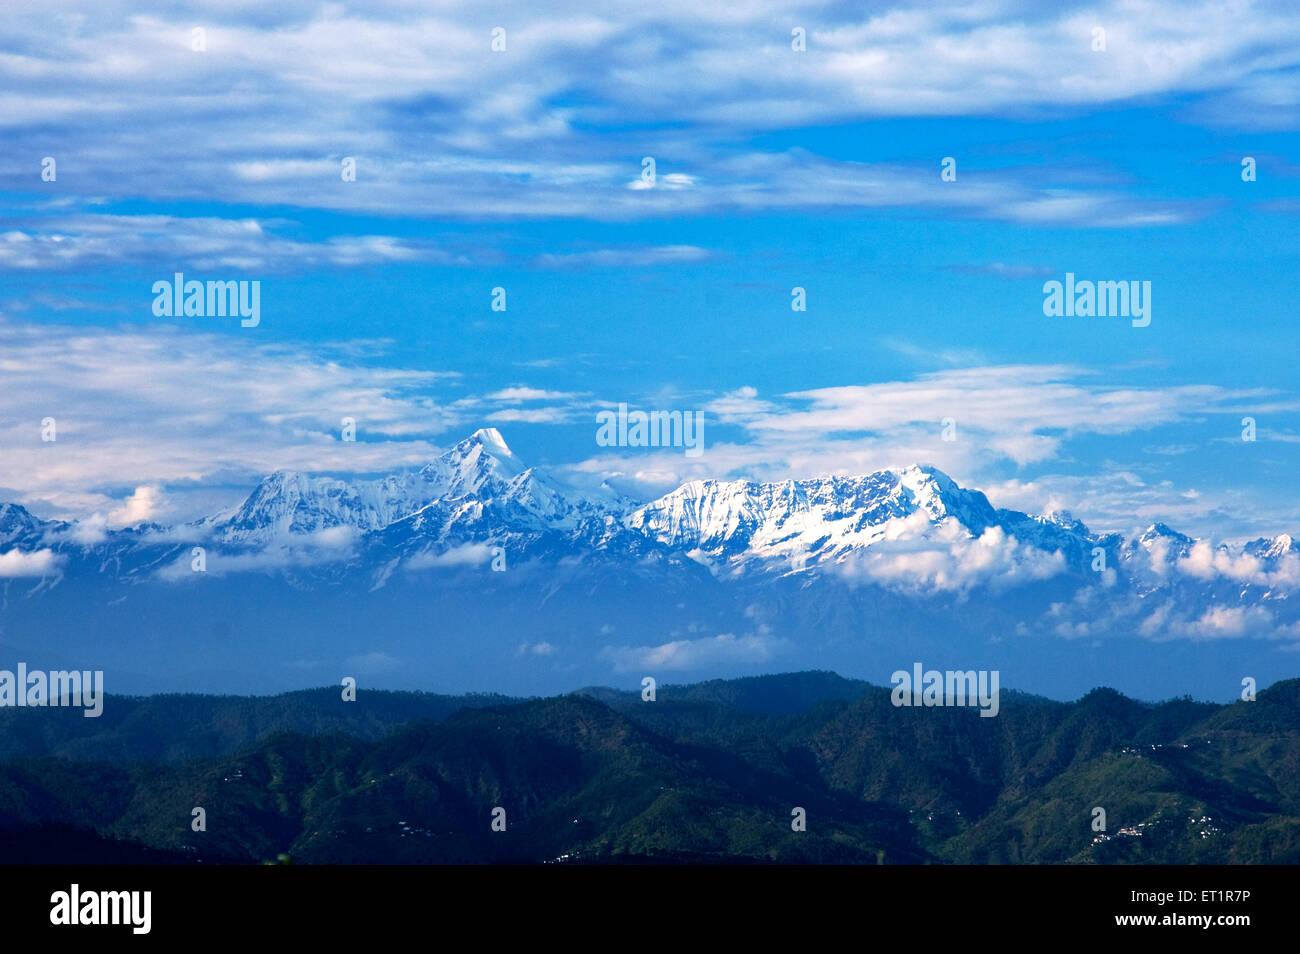 Snowy peaks of himalaya uttarakhand India Asia - Stock Image